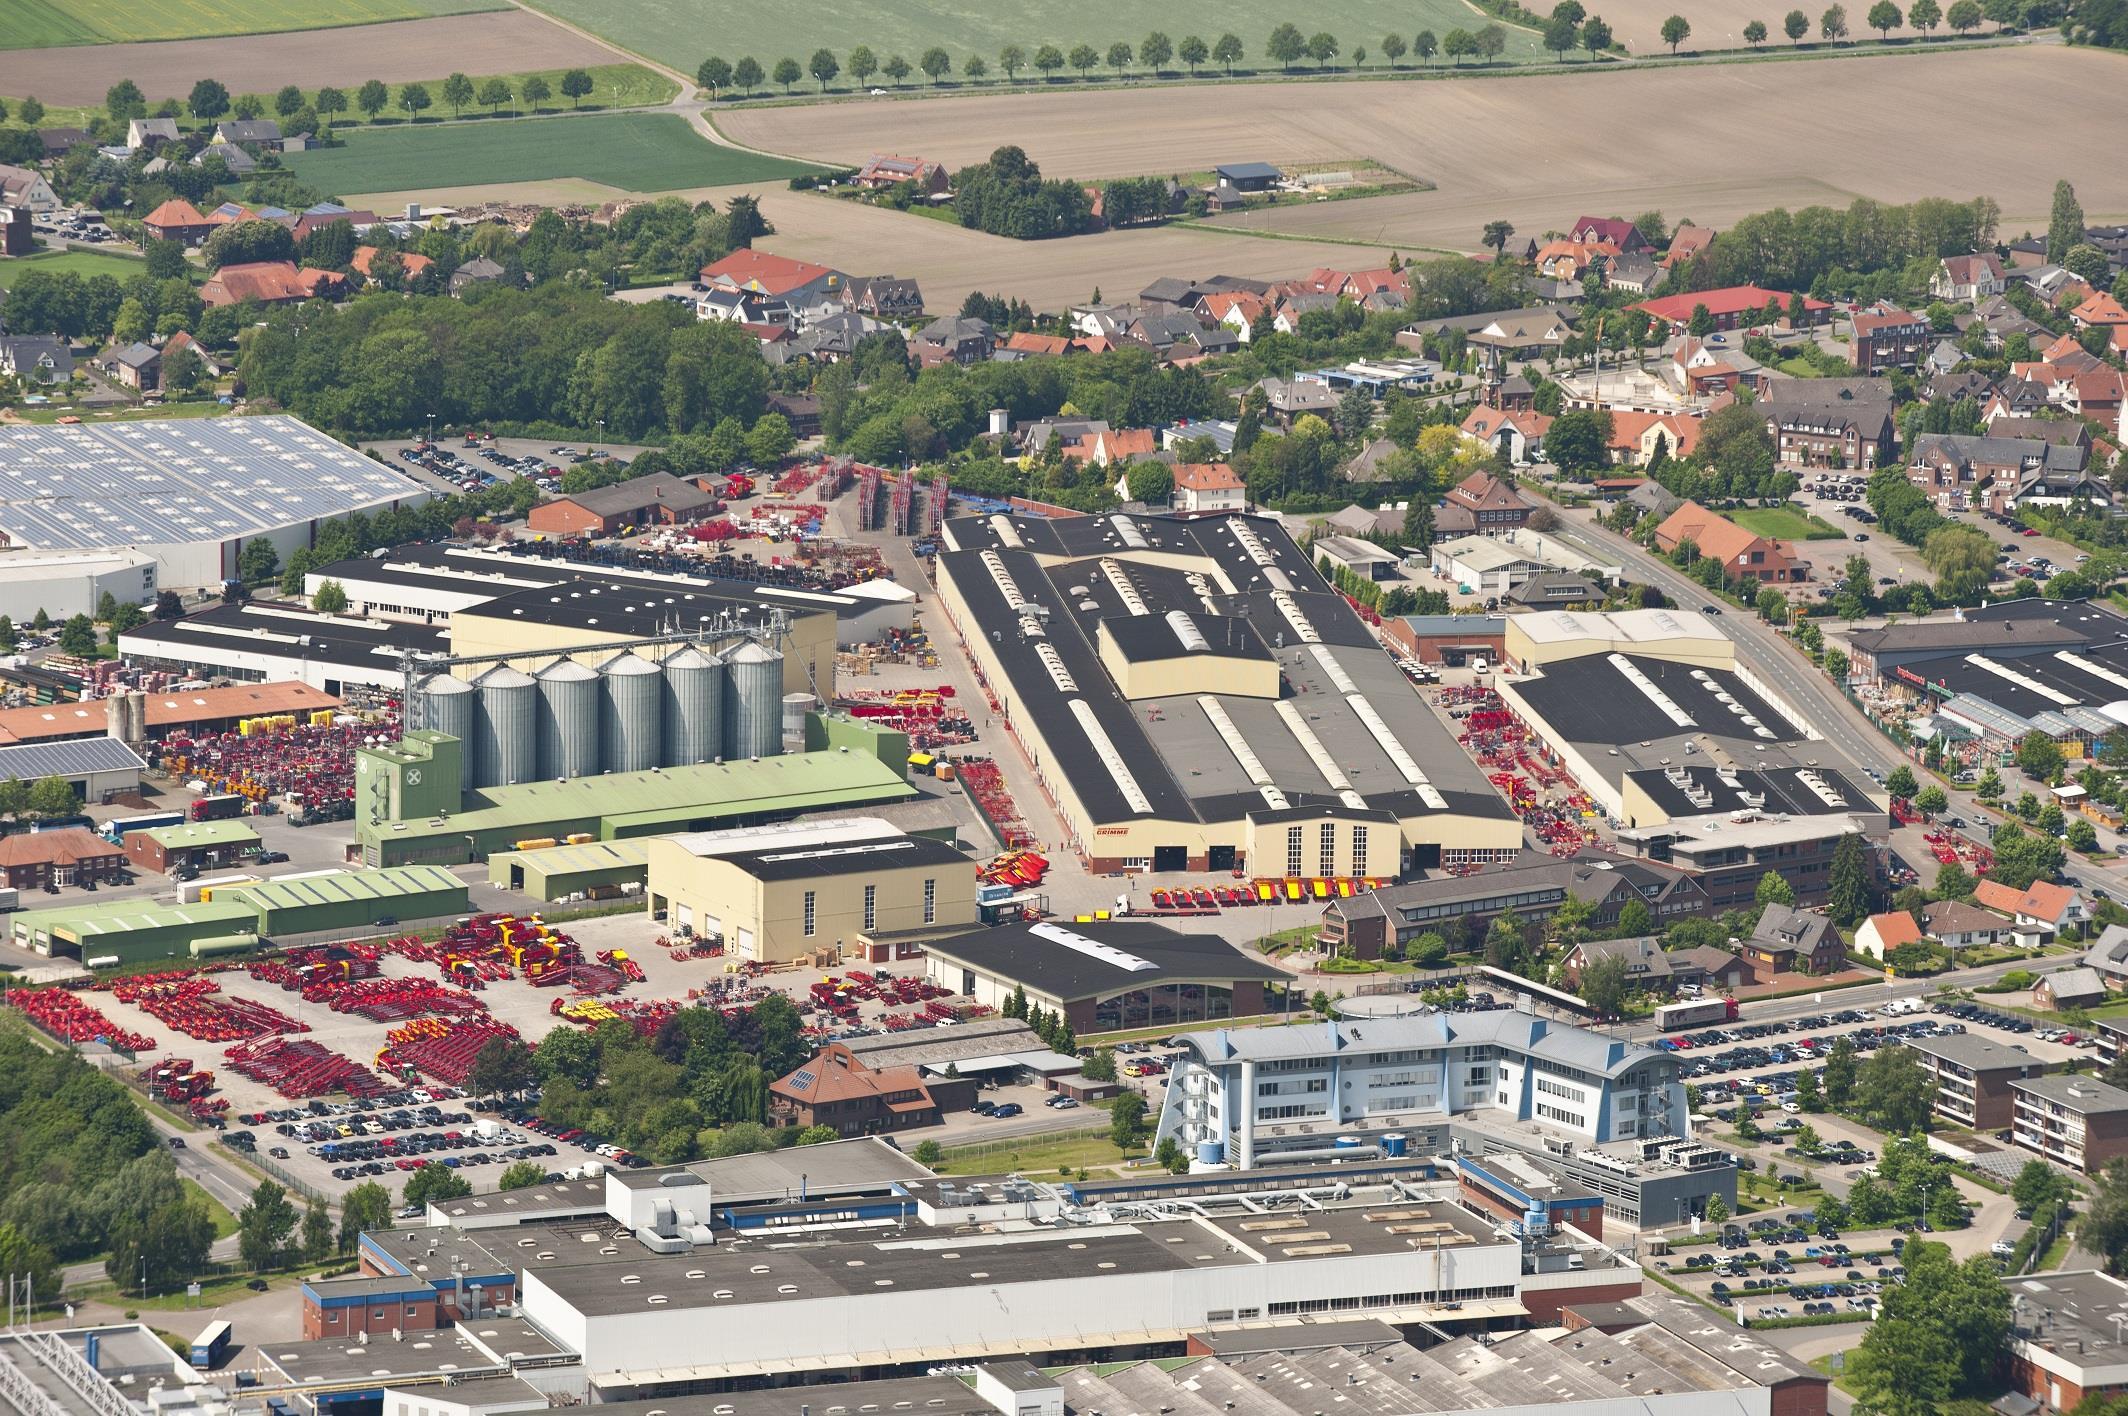 grimme landmaschinenfabrik gmbh co kg unternehmen f r landmaschinen damme deutschland. Black Bedroom Furniture Sets. Home Design Ideas